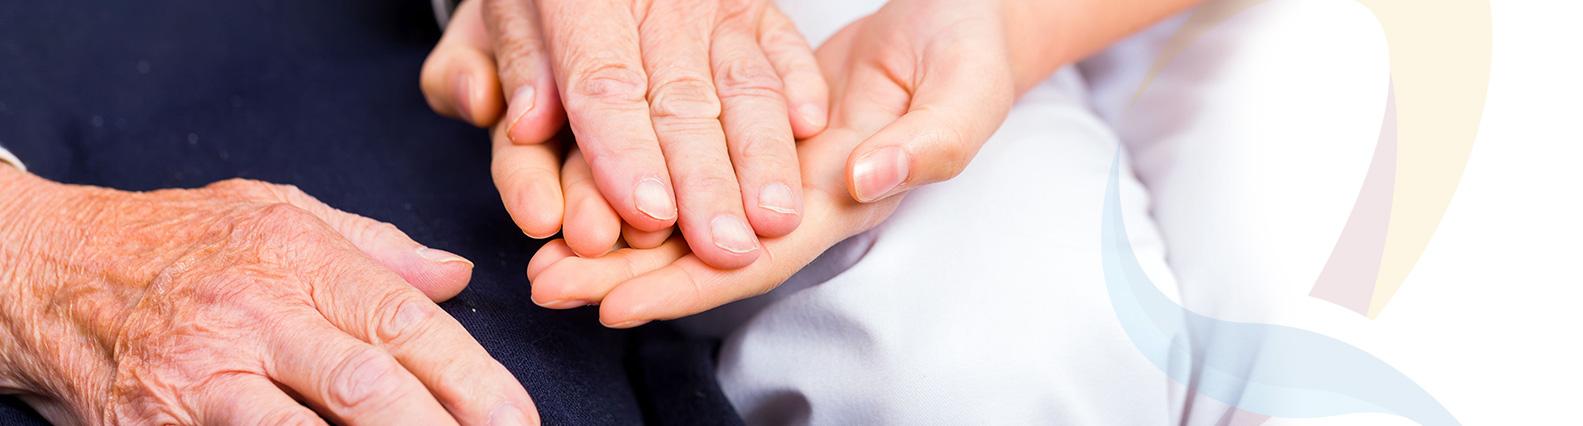 Handen houden elkaar vast Logo Reumazorg ZWN